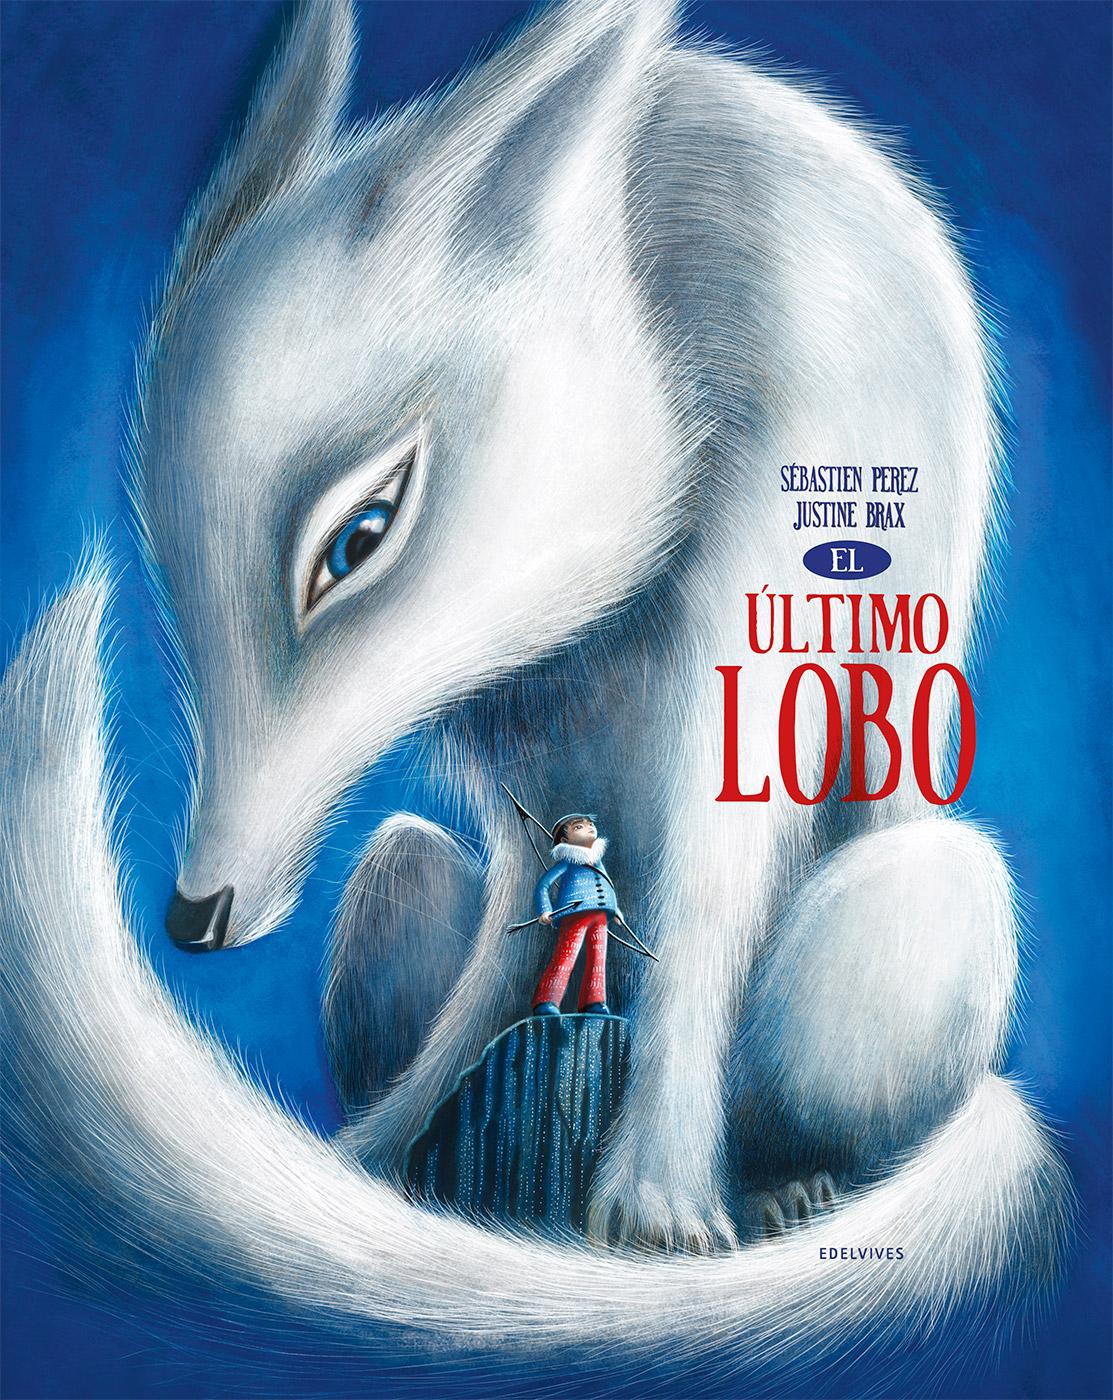 El último lobo-Los niños y los cuentos (2)